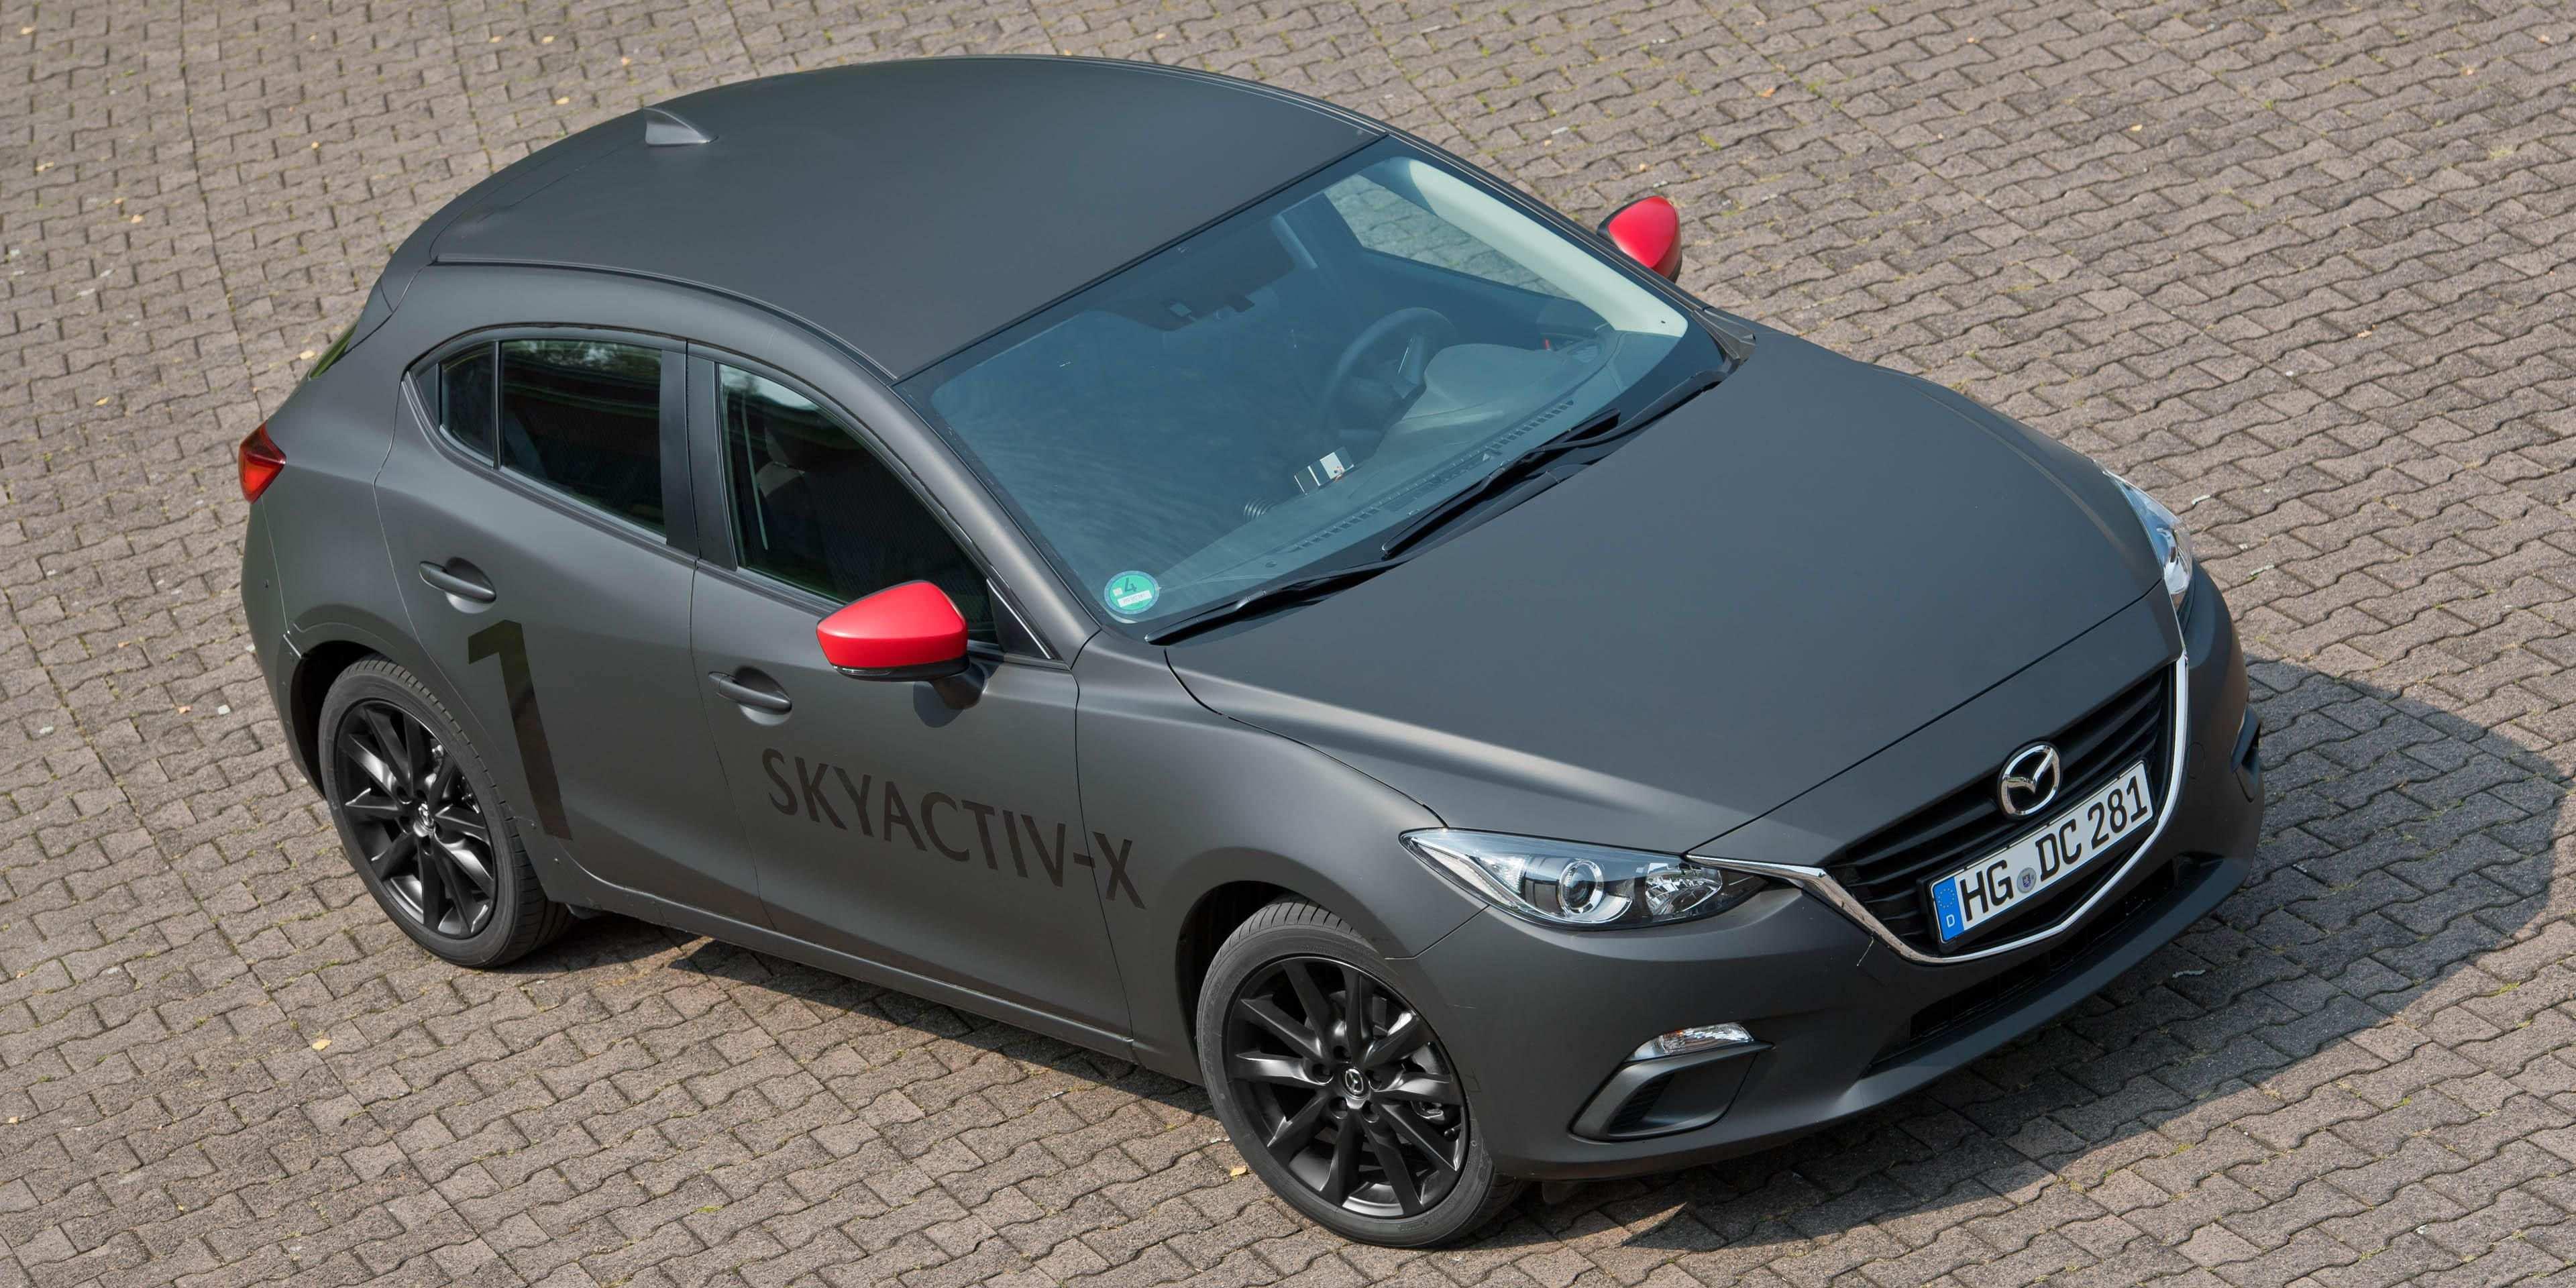 63 New Mazda Skyactiv 2020 Concept with Mazda Skyactiv 2020